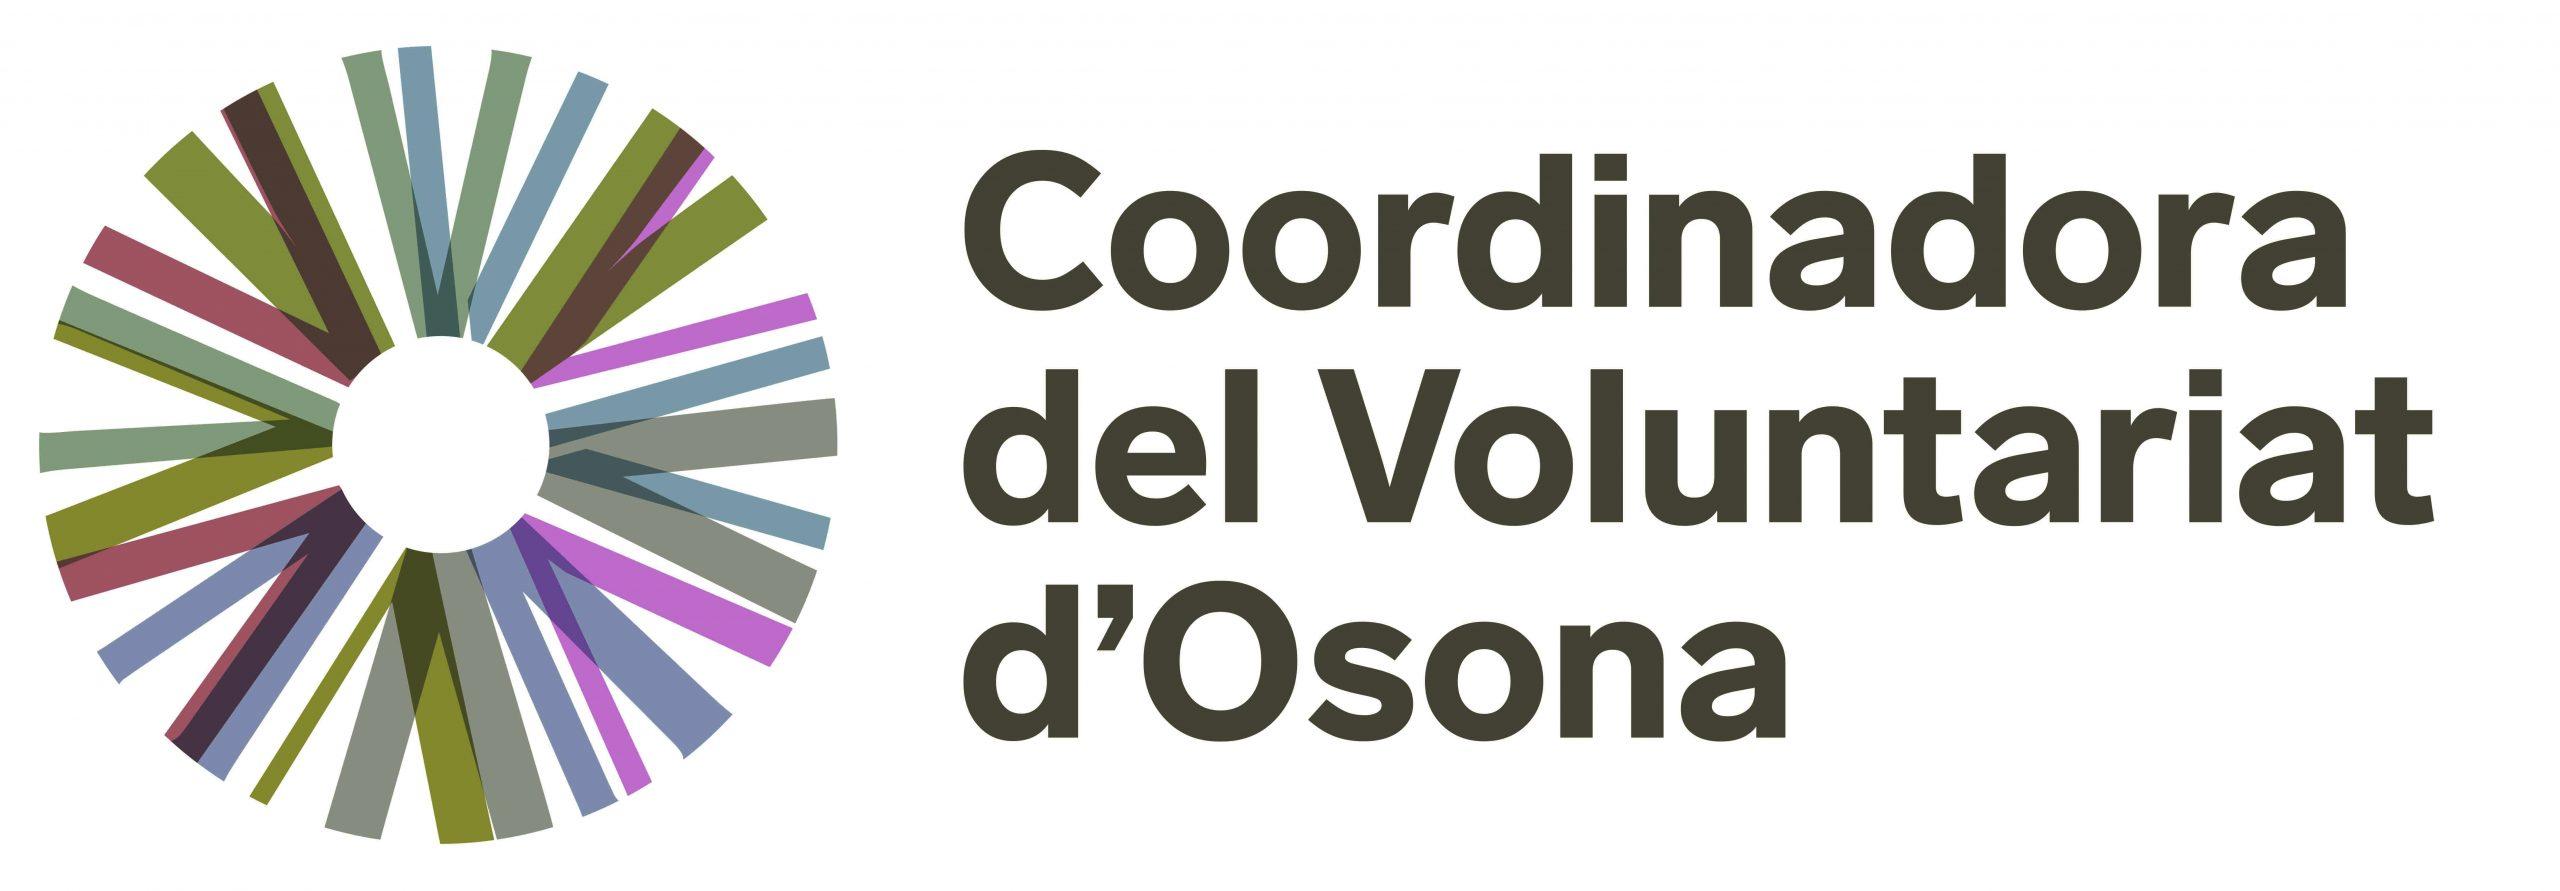 Coordinadora del Voluntariat d'Osona